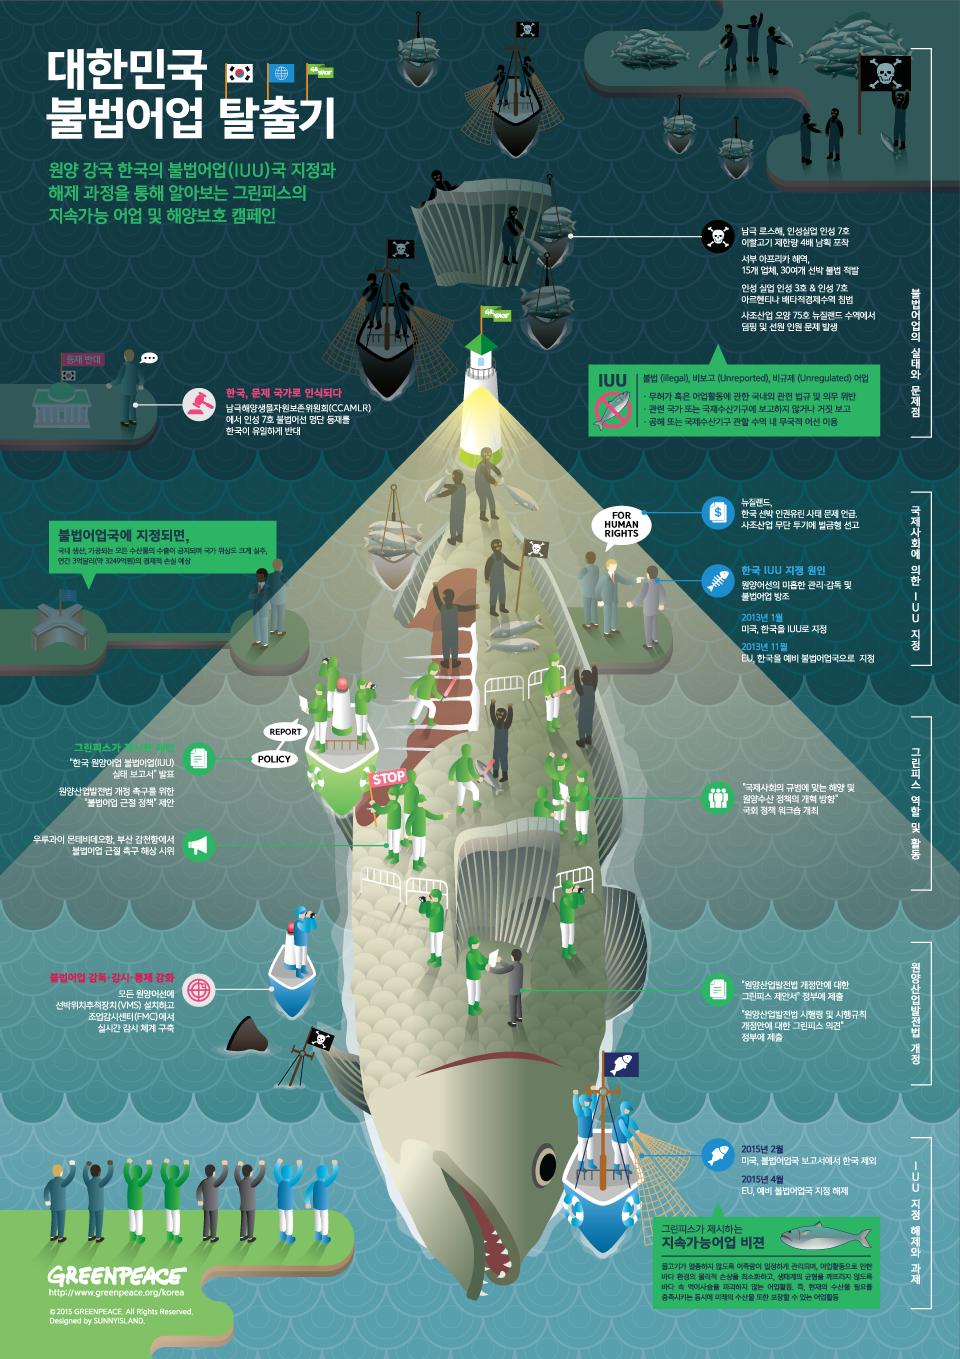 원양 강국 한국의 불법어업(IUU)국 지정과 해제 과정을 통해 알아보는 그린피스의 지속가능 어업 및 해양보호 캠페인